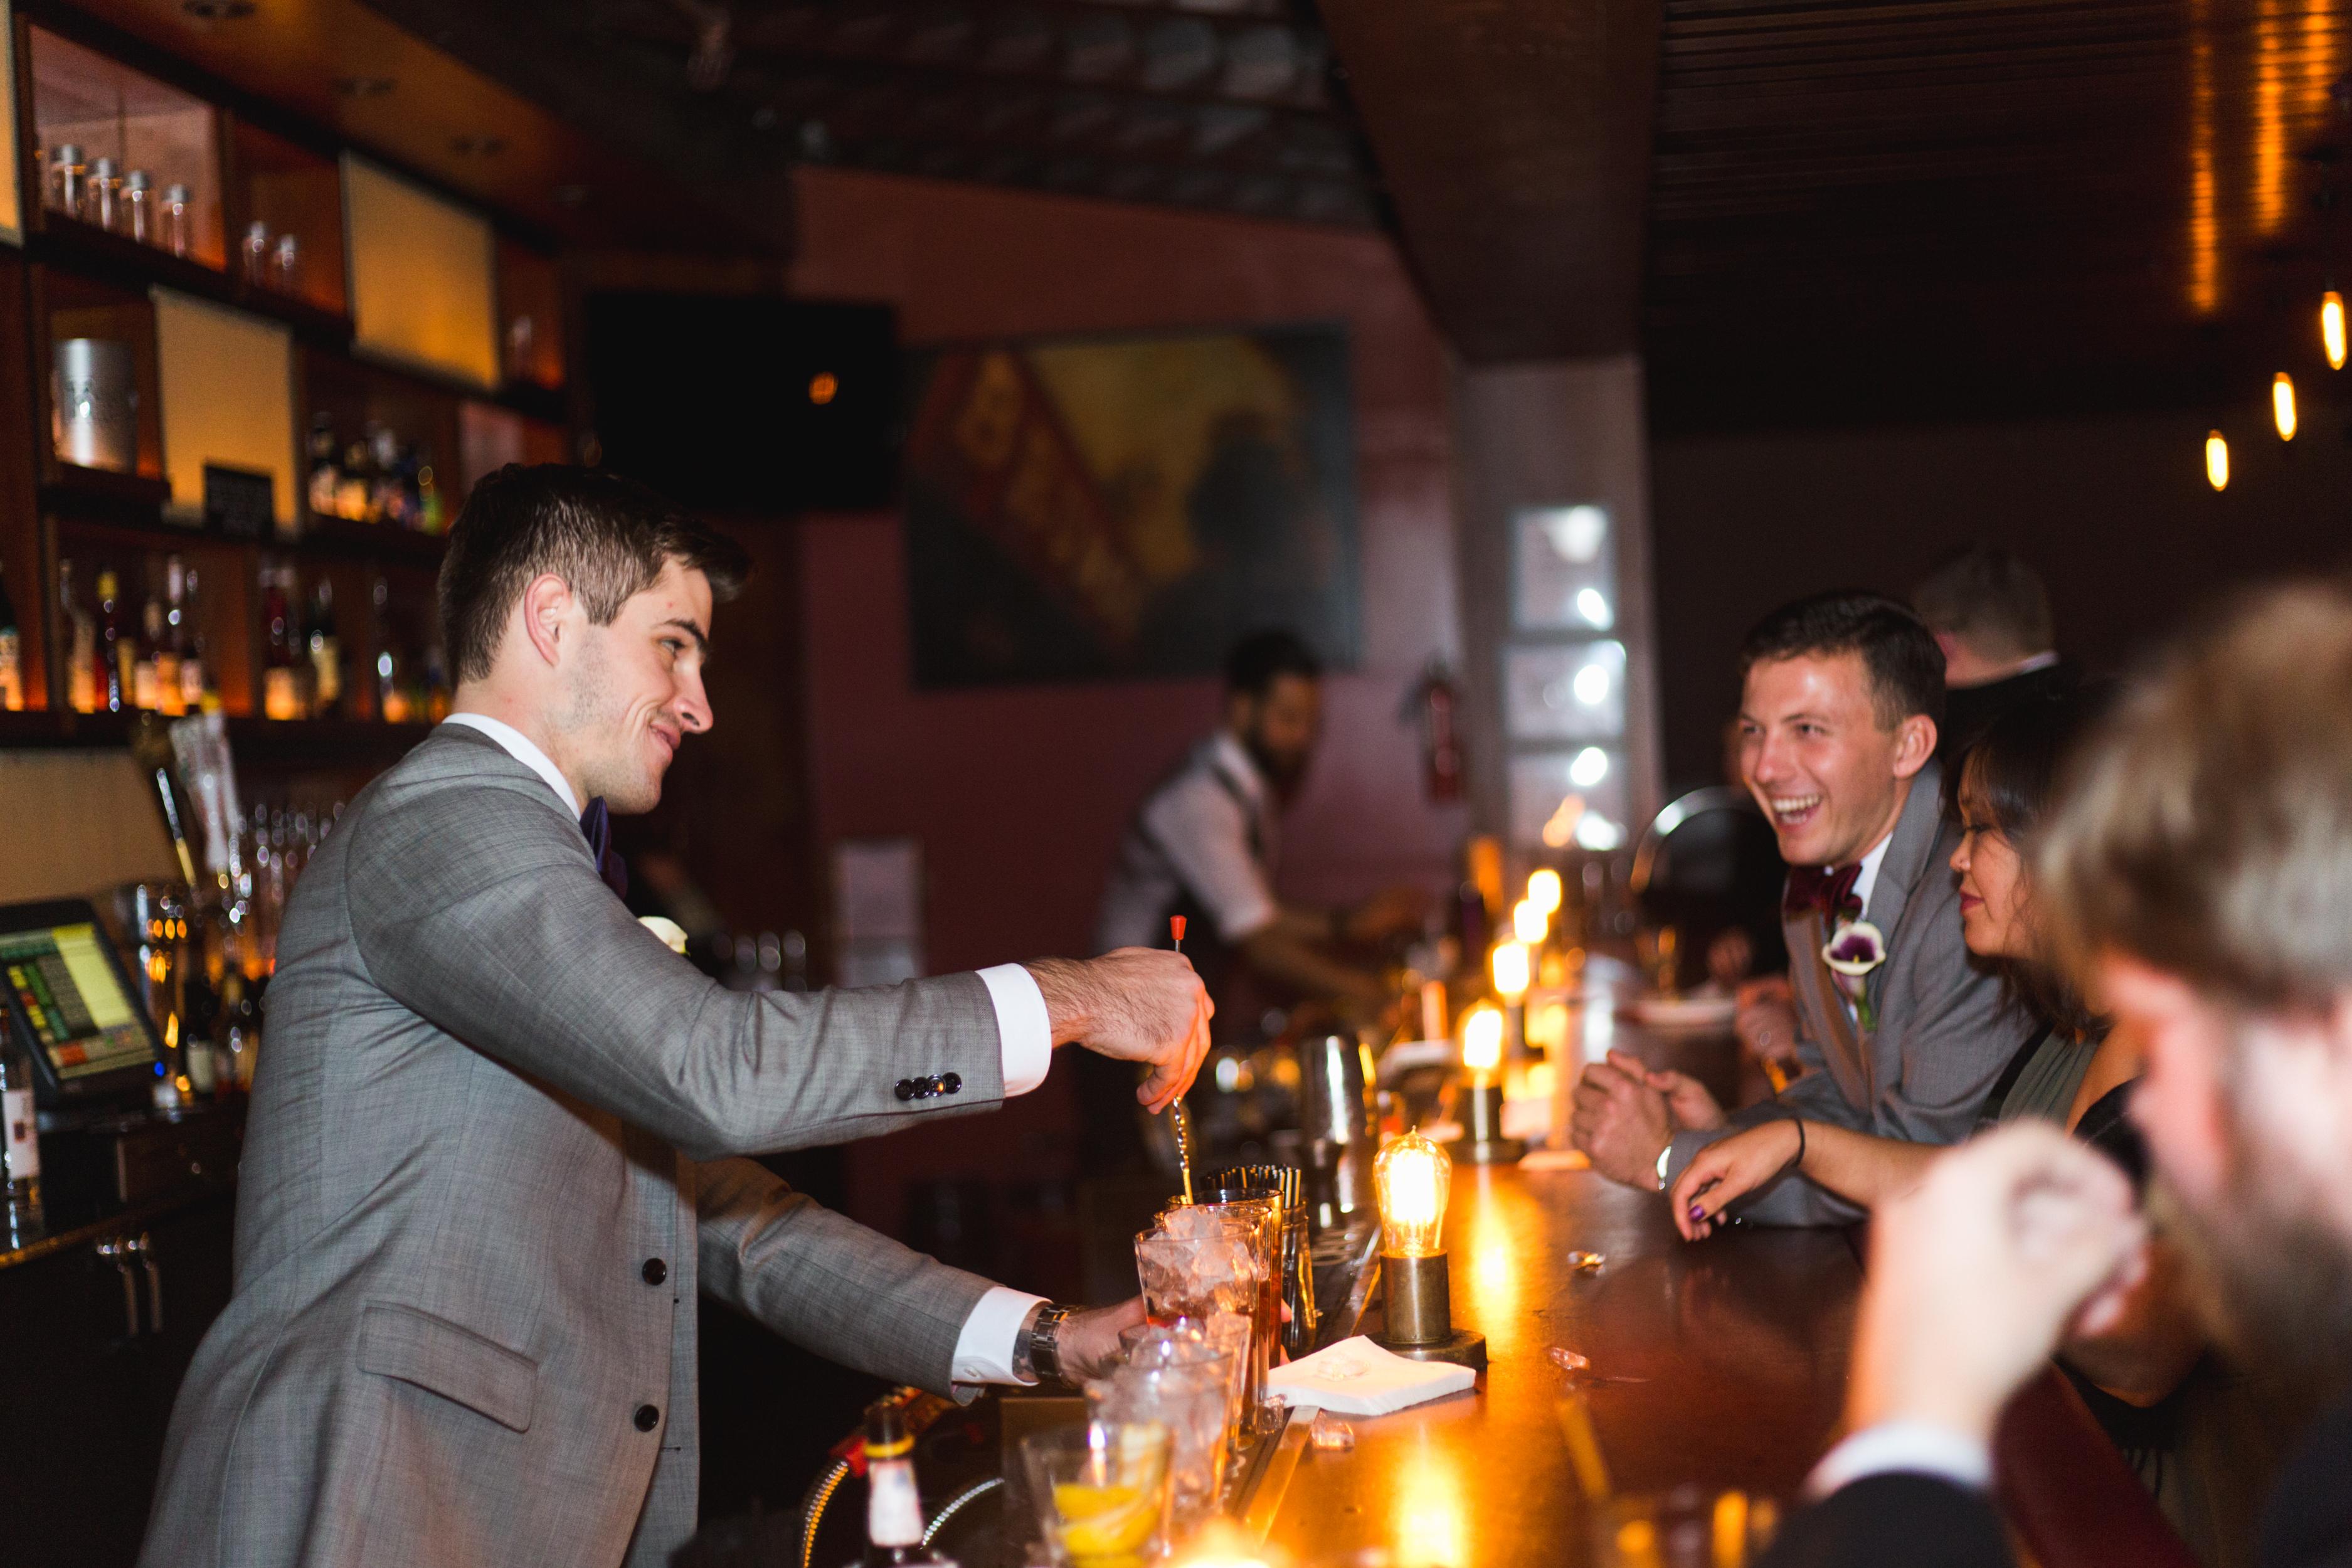 bruno-nightclub-wedding-reception